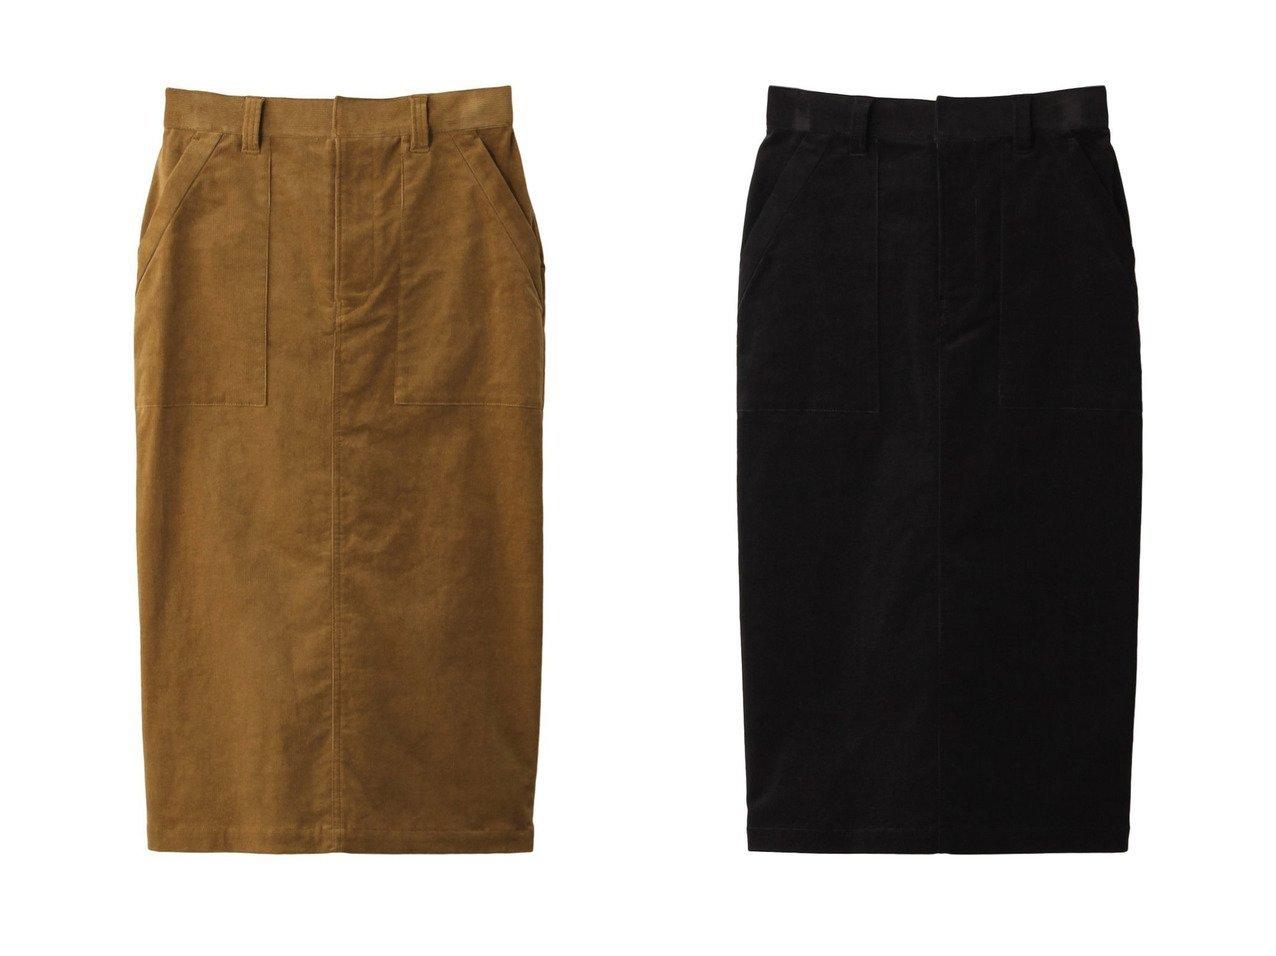 【Whim Gazette/ウィムガゼット】の【Col Pierrot】コーデュロイスカート 【スカート】おすすめ!人気、トレンド・レディースファッションの通販  おすすめで人気の流行・トレンド、ファッションの通販商品 インテリア・家具・メンズファッション・キッズファッション・レディースファッション・服の通販 founy(ファニー) https://founy.com/ ファッション Fashion レディースファッション WOMEN スカート Skirt ロングスカート Long Skirt 2020年 2020 2020-2021秋冬・A/W AW・Autumn/Winter・FW・Fall-Winter/2020-2021 2021年 2021 2021-2022秋冬・A/W AW・Autumn/Winter・FW・Fall-Winter・2021-2022 A/W・秋冬 AW・Autumn/Winter・FW・Fall-Winter コーデュロイ スリット ロング  ID:crp329100000062284